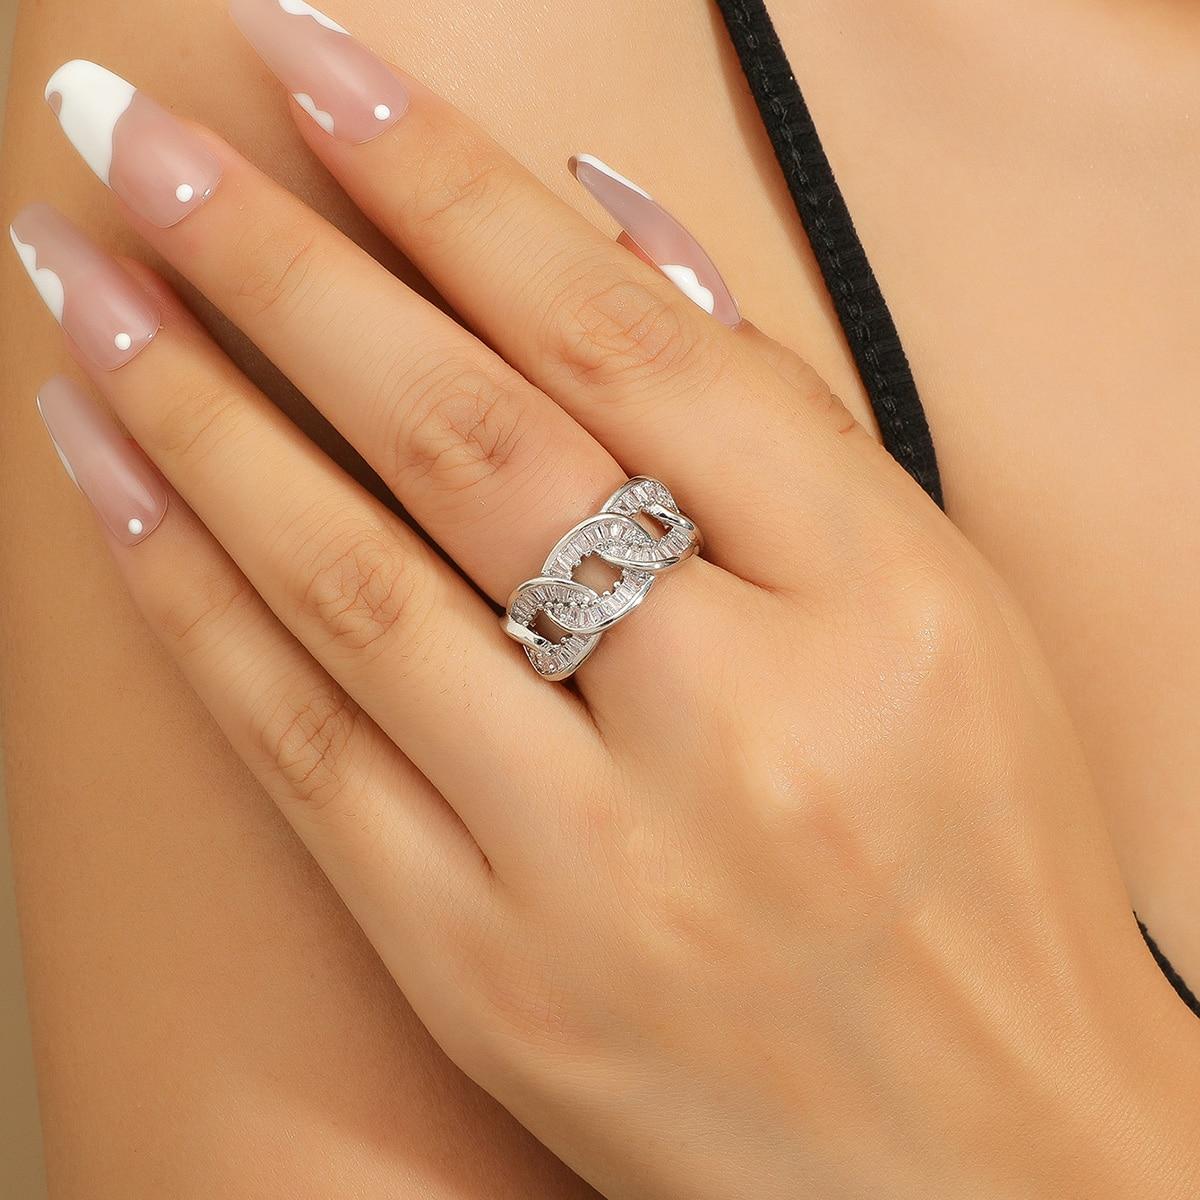 Открытое кольцо с цирконом в форме цепочки